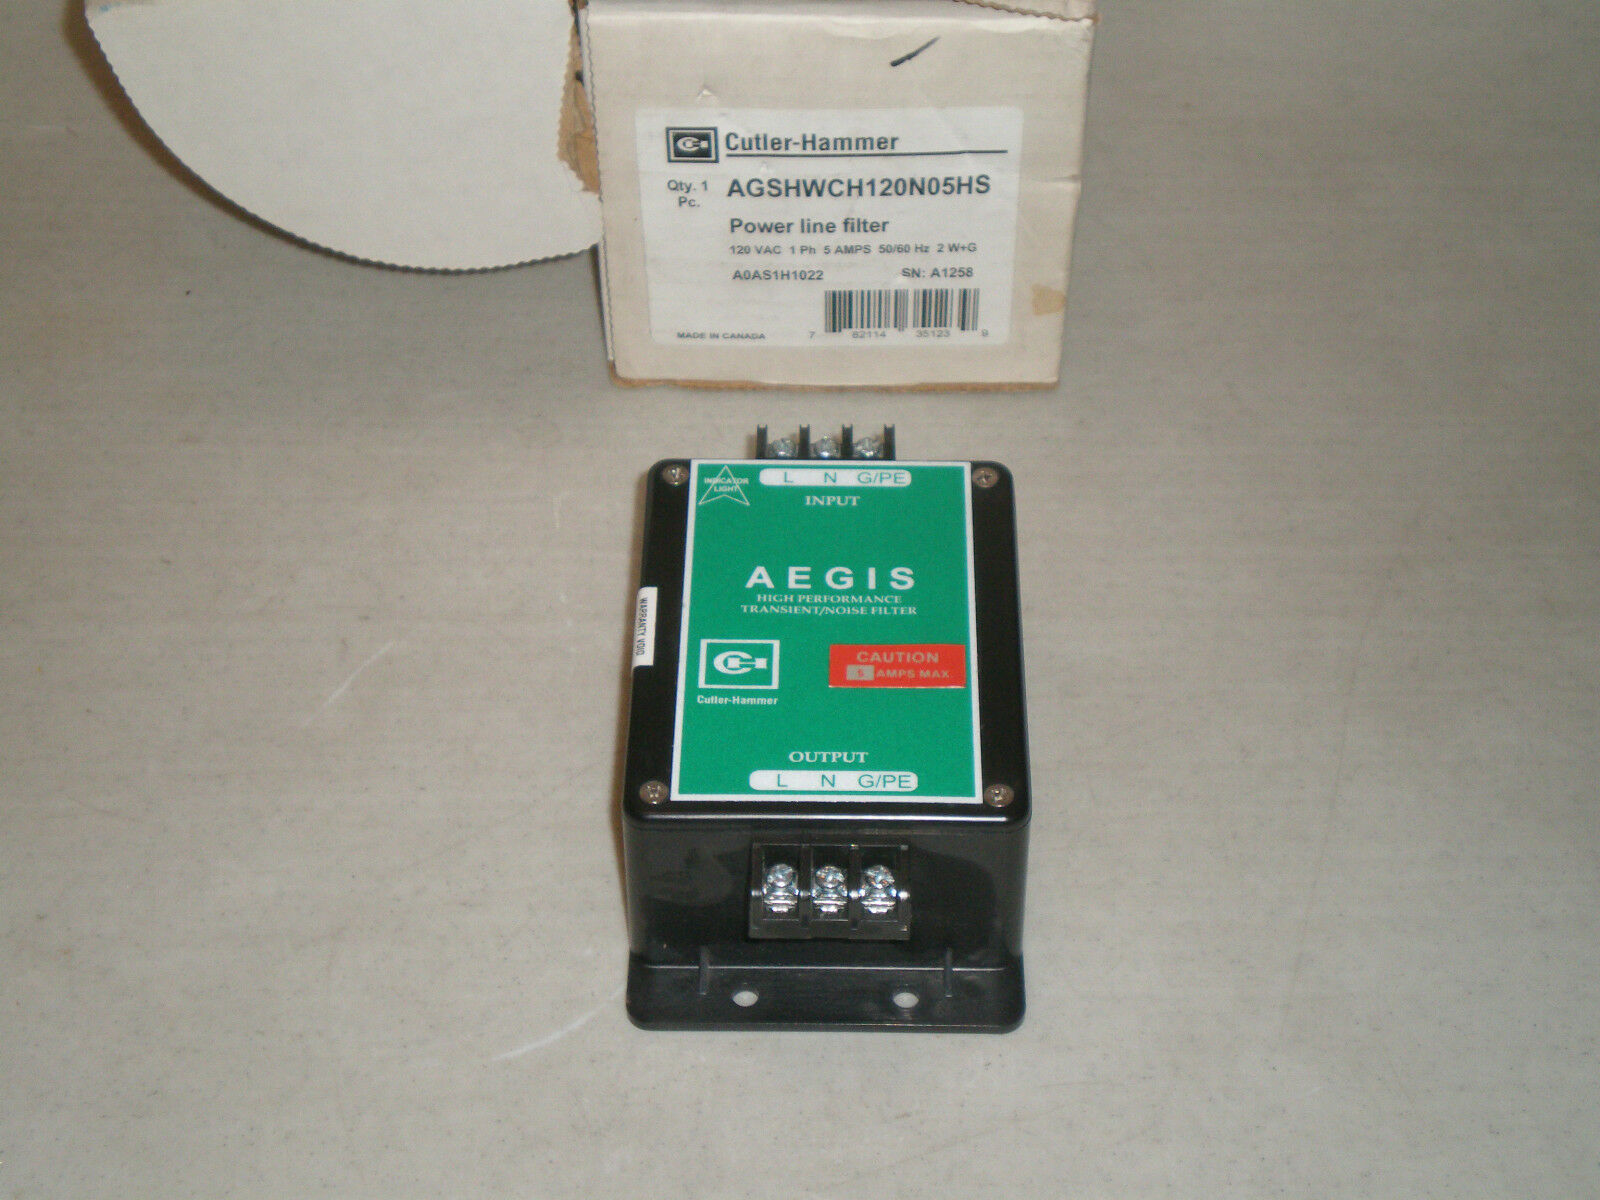 ¡ nuevo Aegis Cutler-hammer Aegis nuevo transient/noise filtro supresor de sobretensiones agshwch120n05hs f905ed